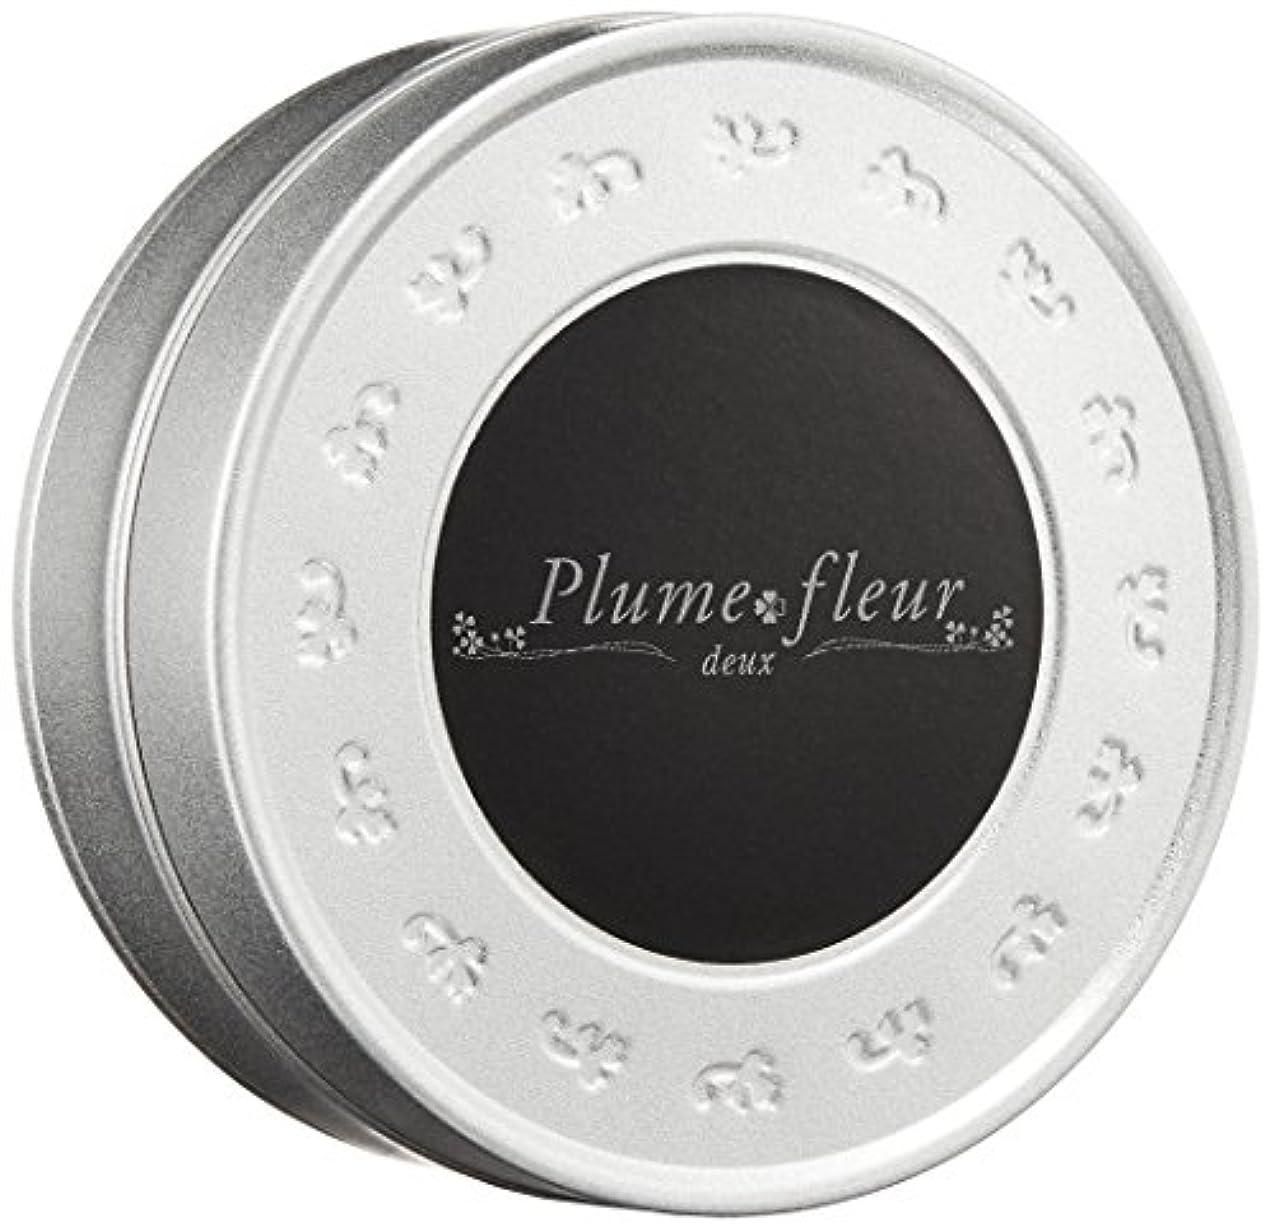 ライラック細部叙情的なPlume fleur -deux-(プルームフルール?WH)